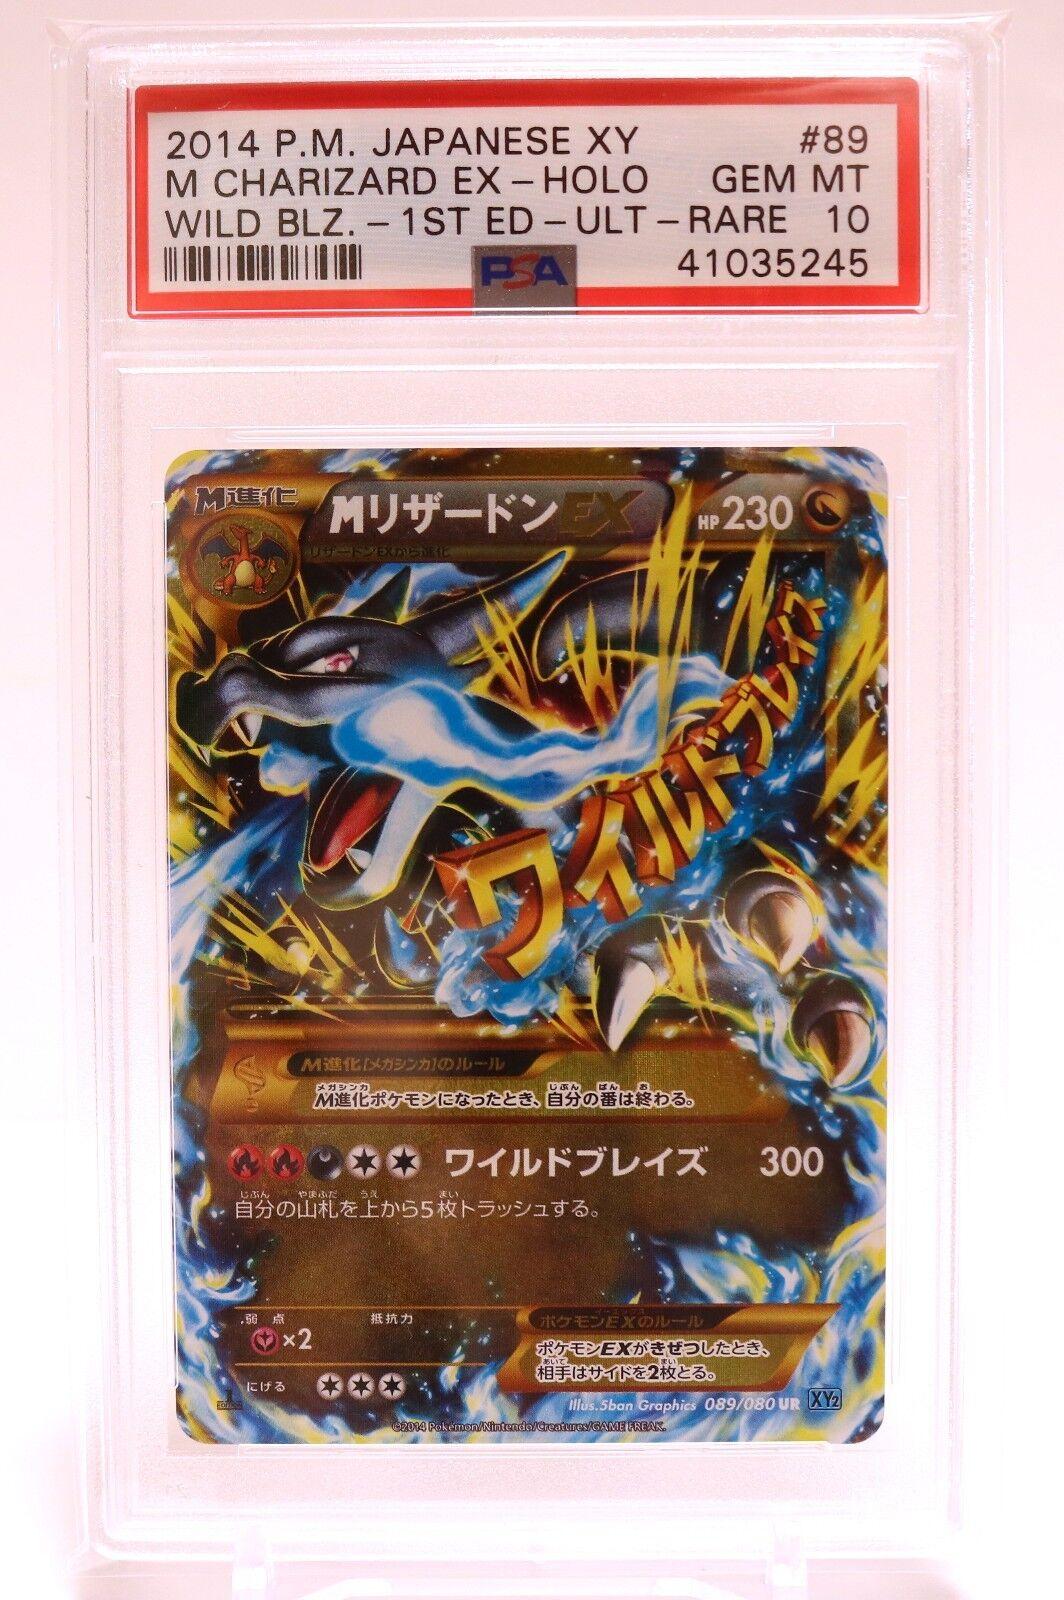 Mega Charizard EX UR 089 089 089 080 XY2 2014 1st ED Japanese PSA 10 45e6b8